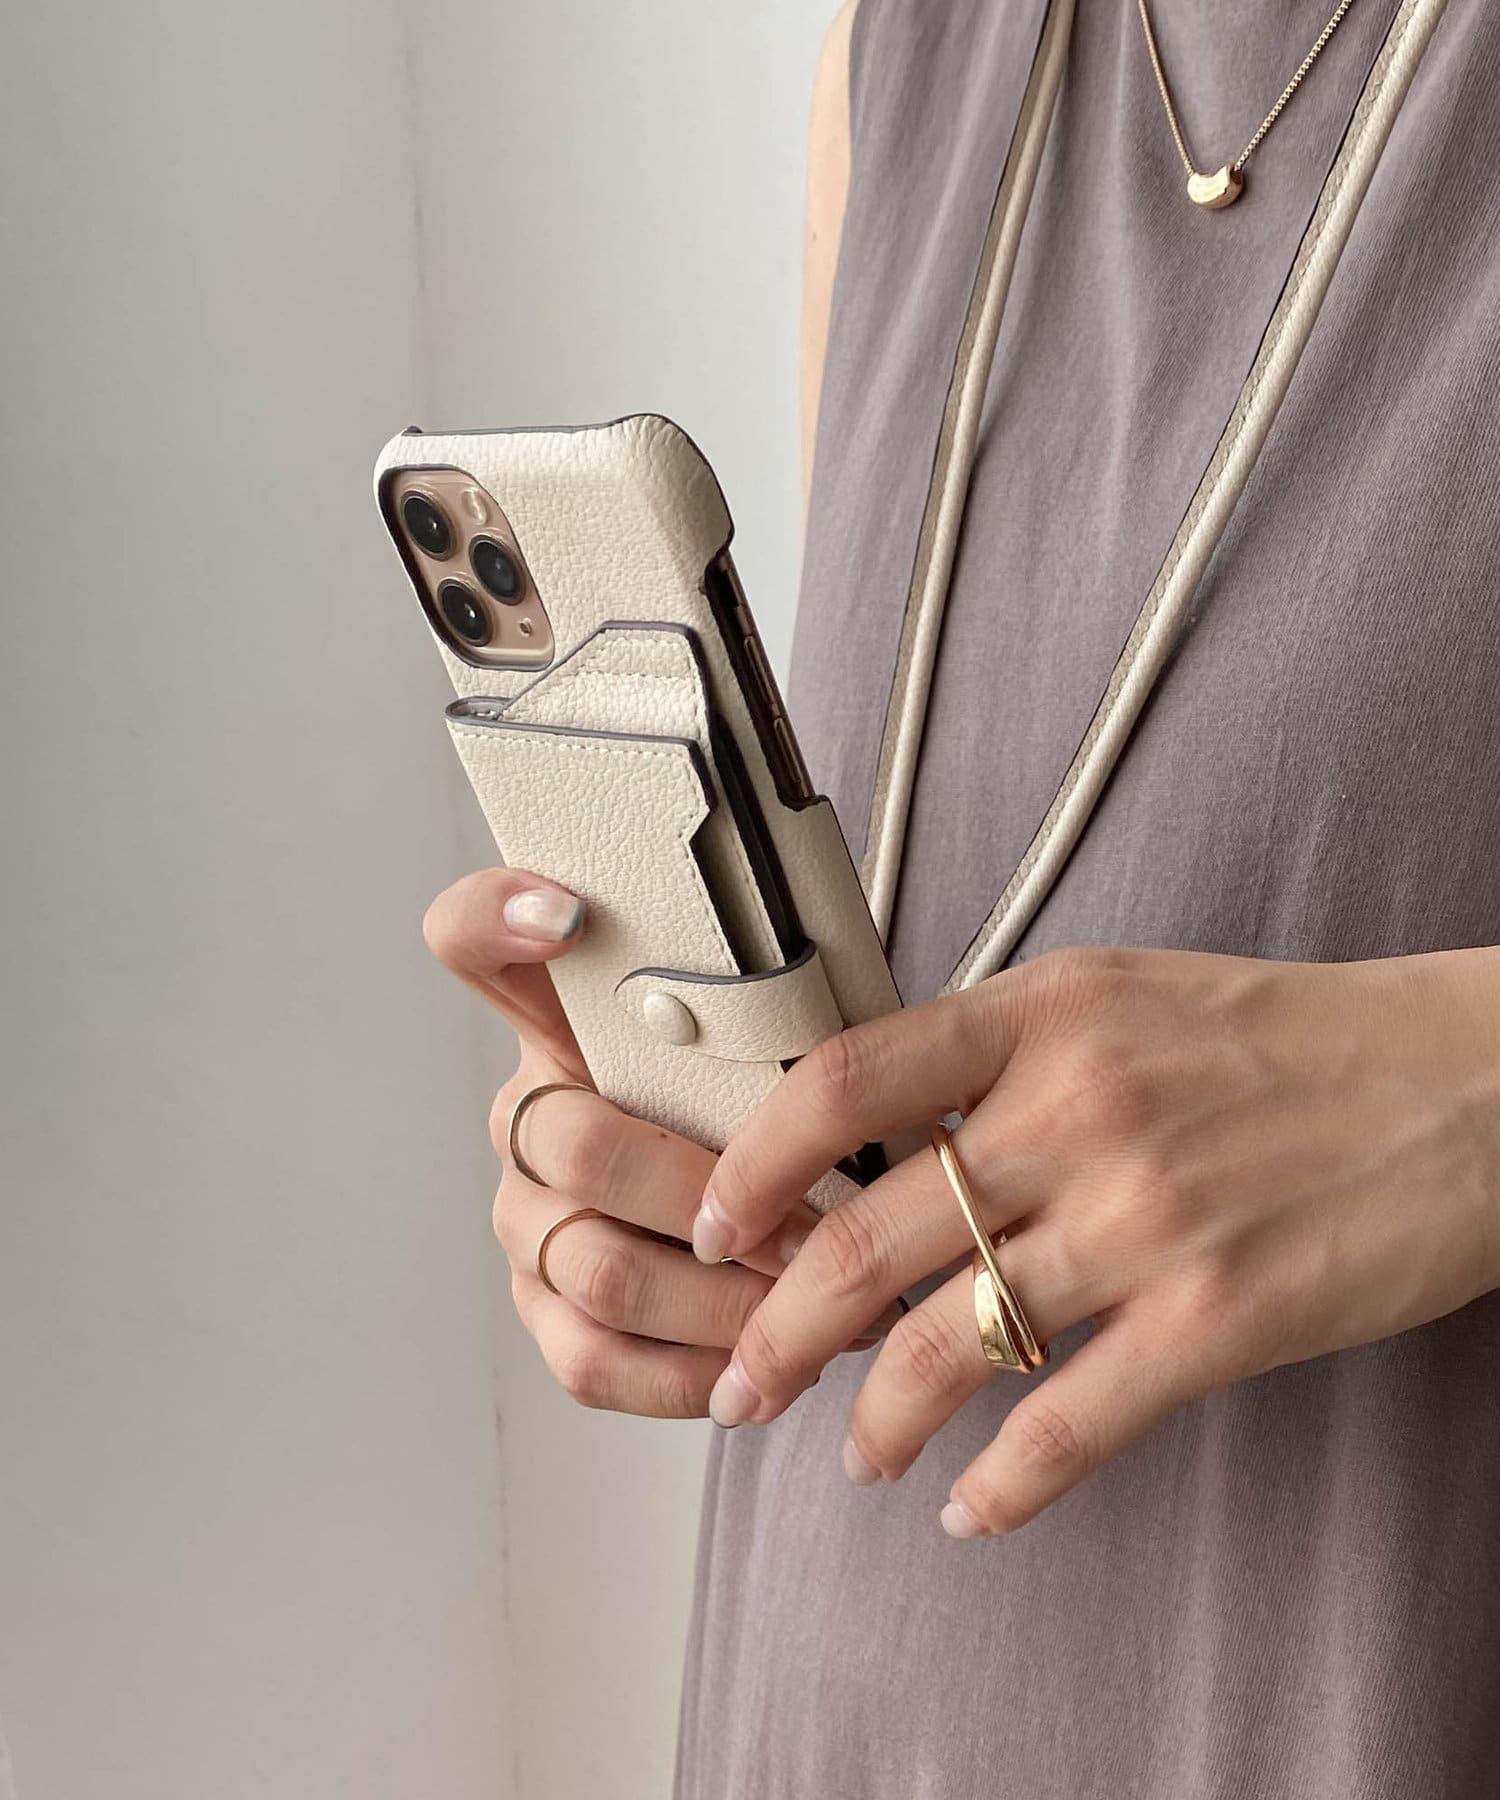 CAPRICIEUX LE'MAGE(カプリシュレマージュ) 【iphone12/12pro対応】ミラーカード付スマホケース